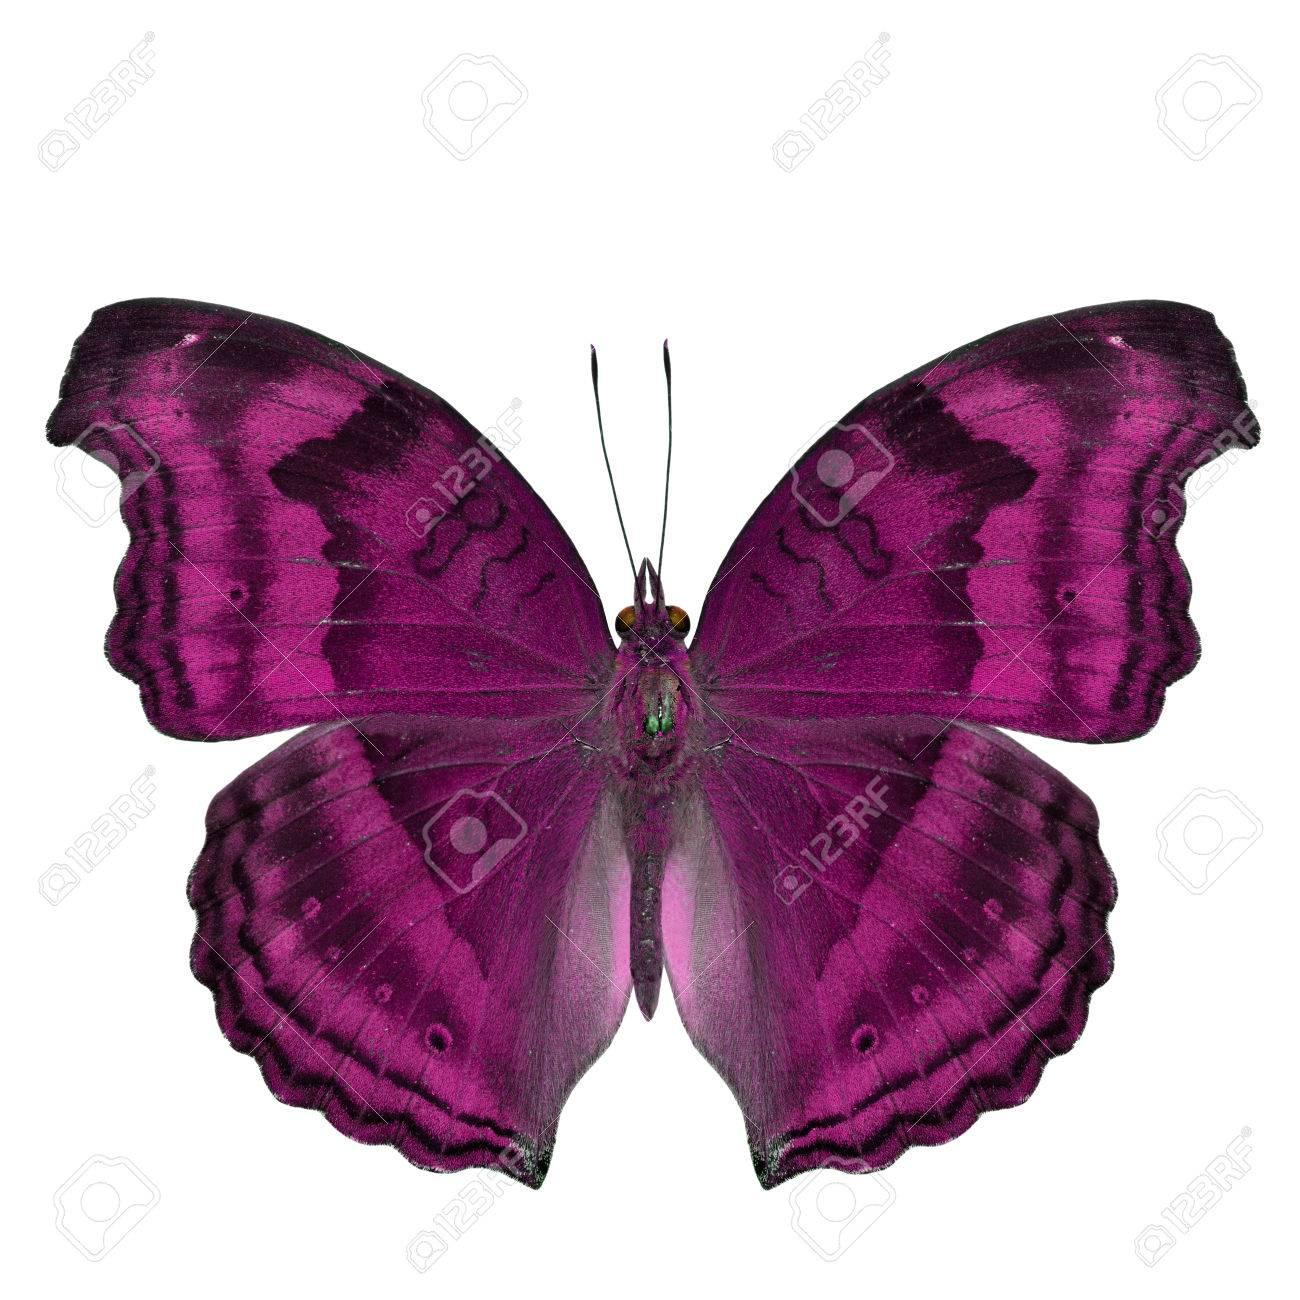 Niedlich Schmetterling Zum Färben Bilder - Beispielzusammenfassung ...